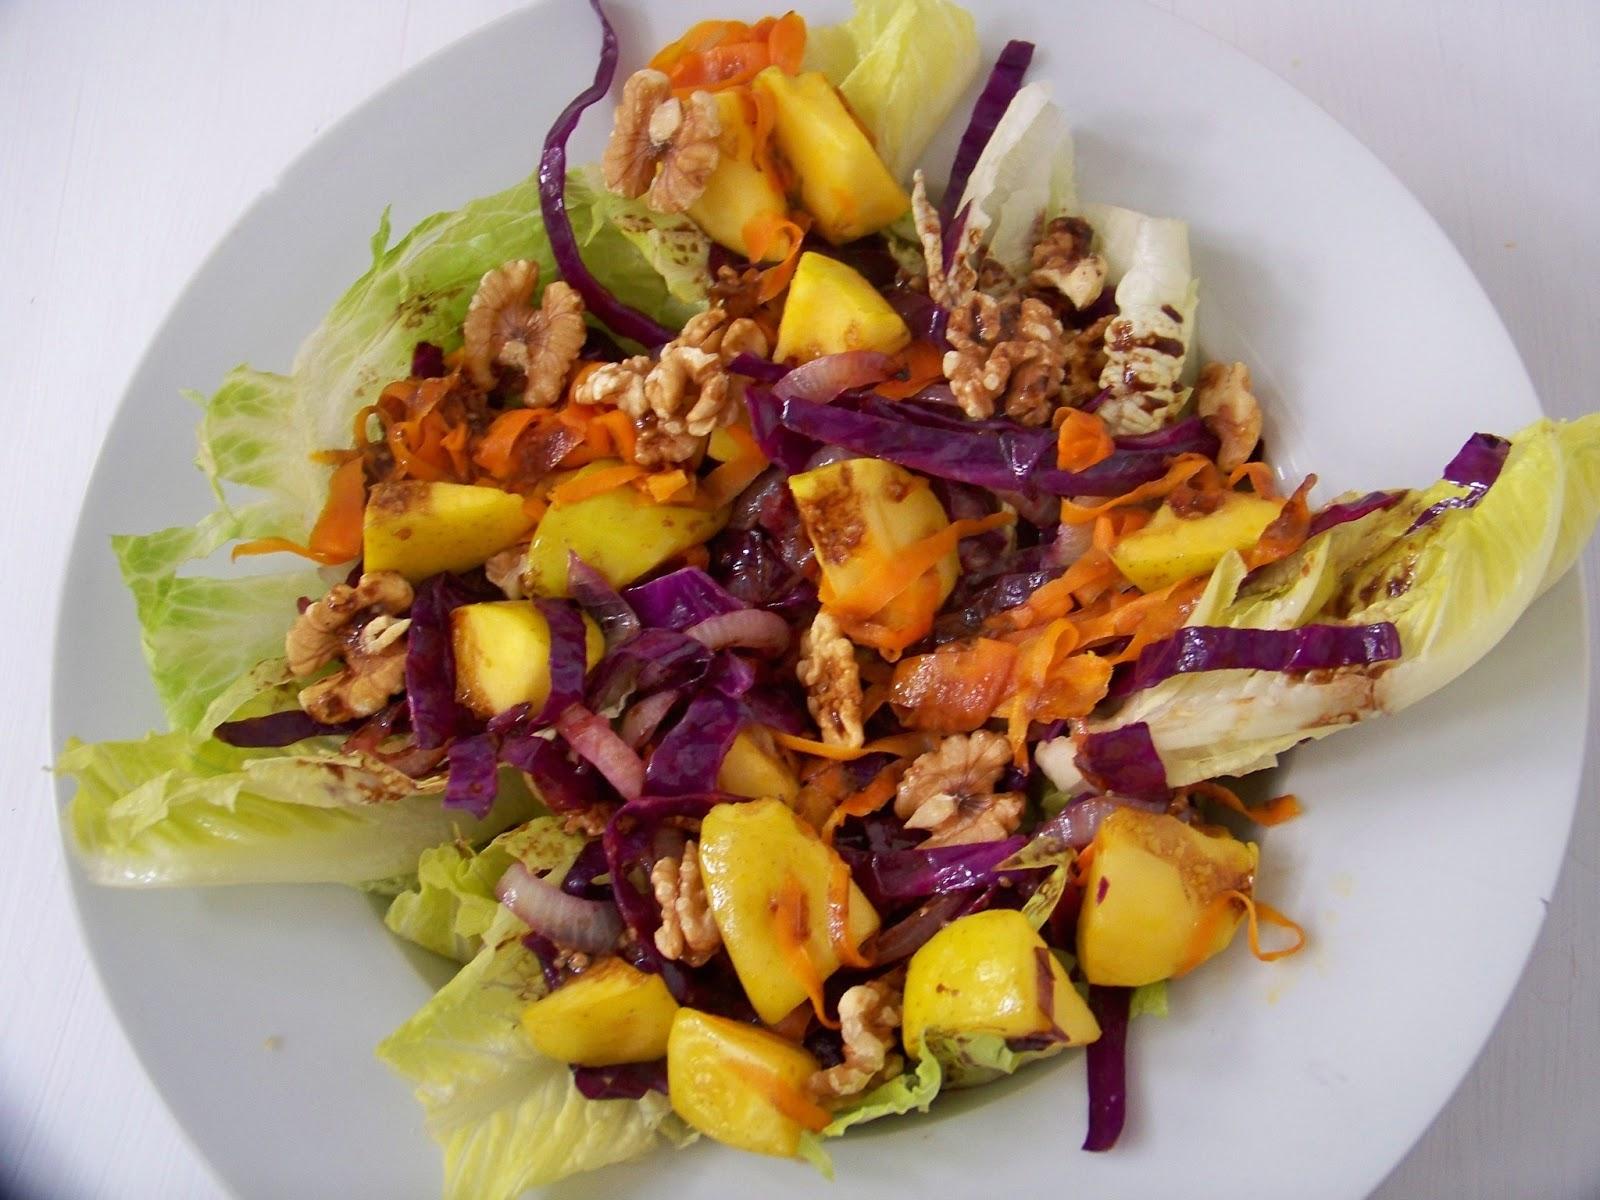 Mi amante vegetariana hace dieta para bajar de peso solo come vegetaleshoy toco platano - 1 10